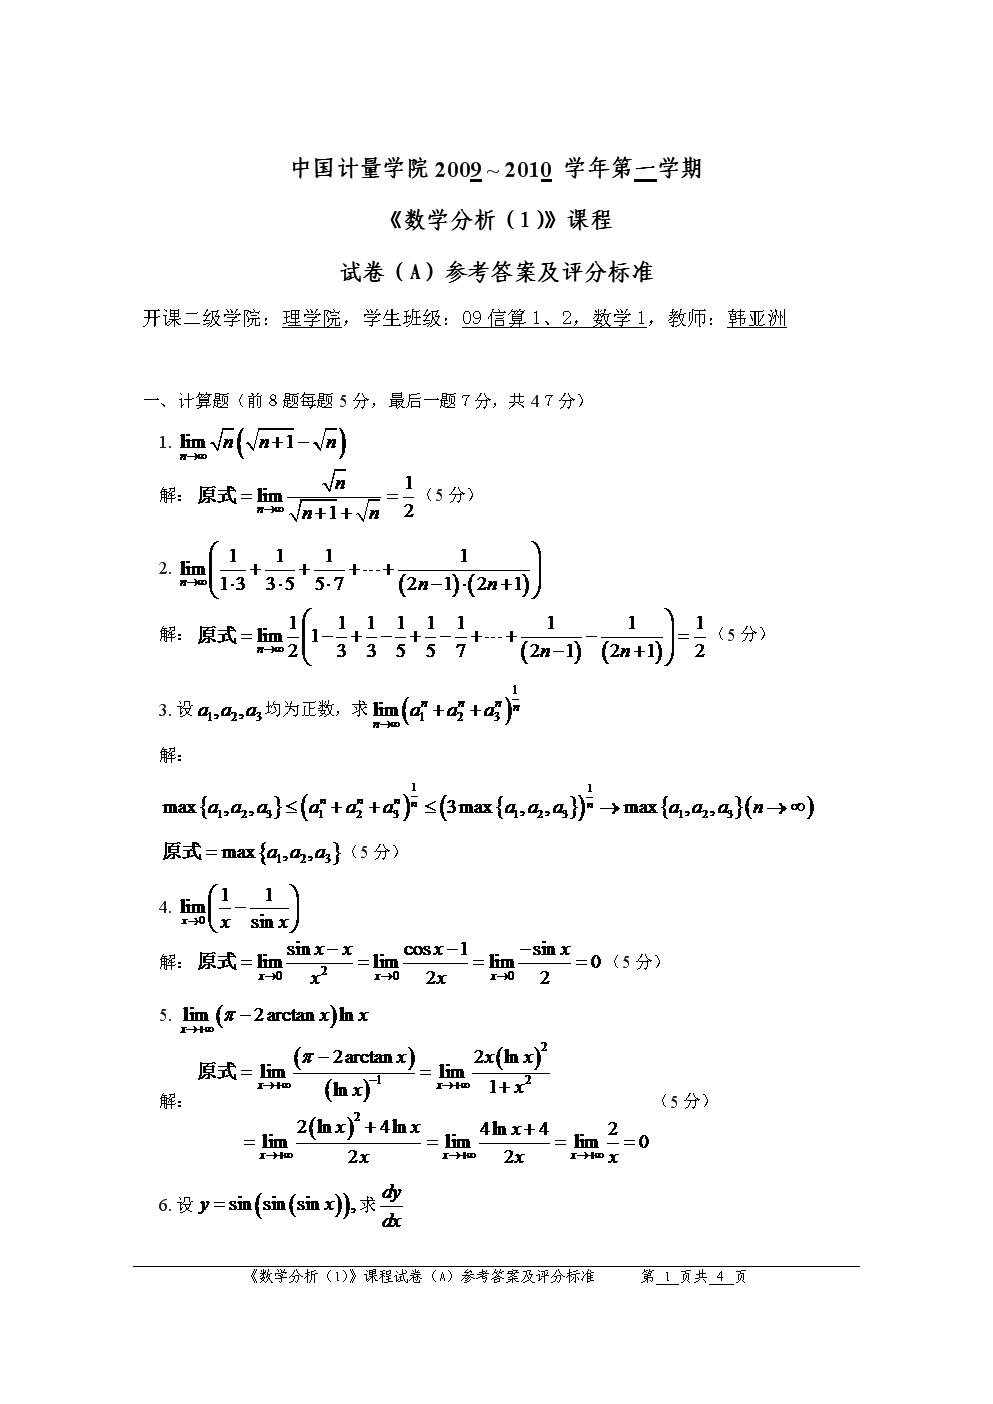 09-10数学分析1期末试卷参考答案及评分标准格式A.doc